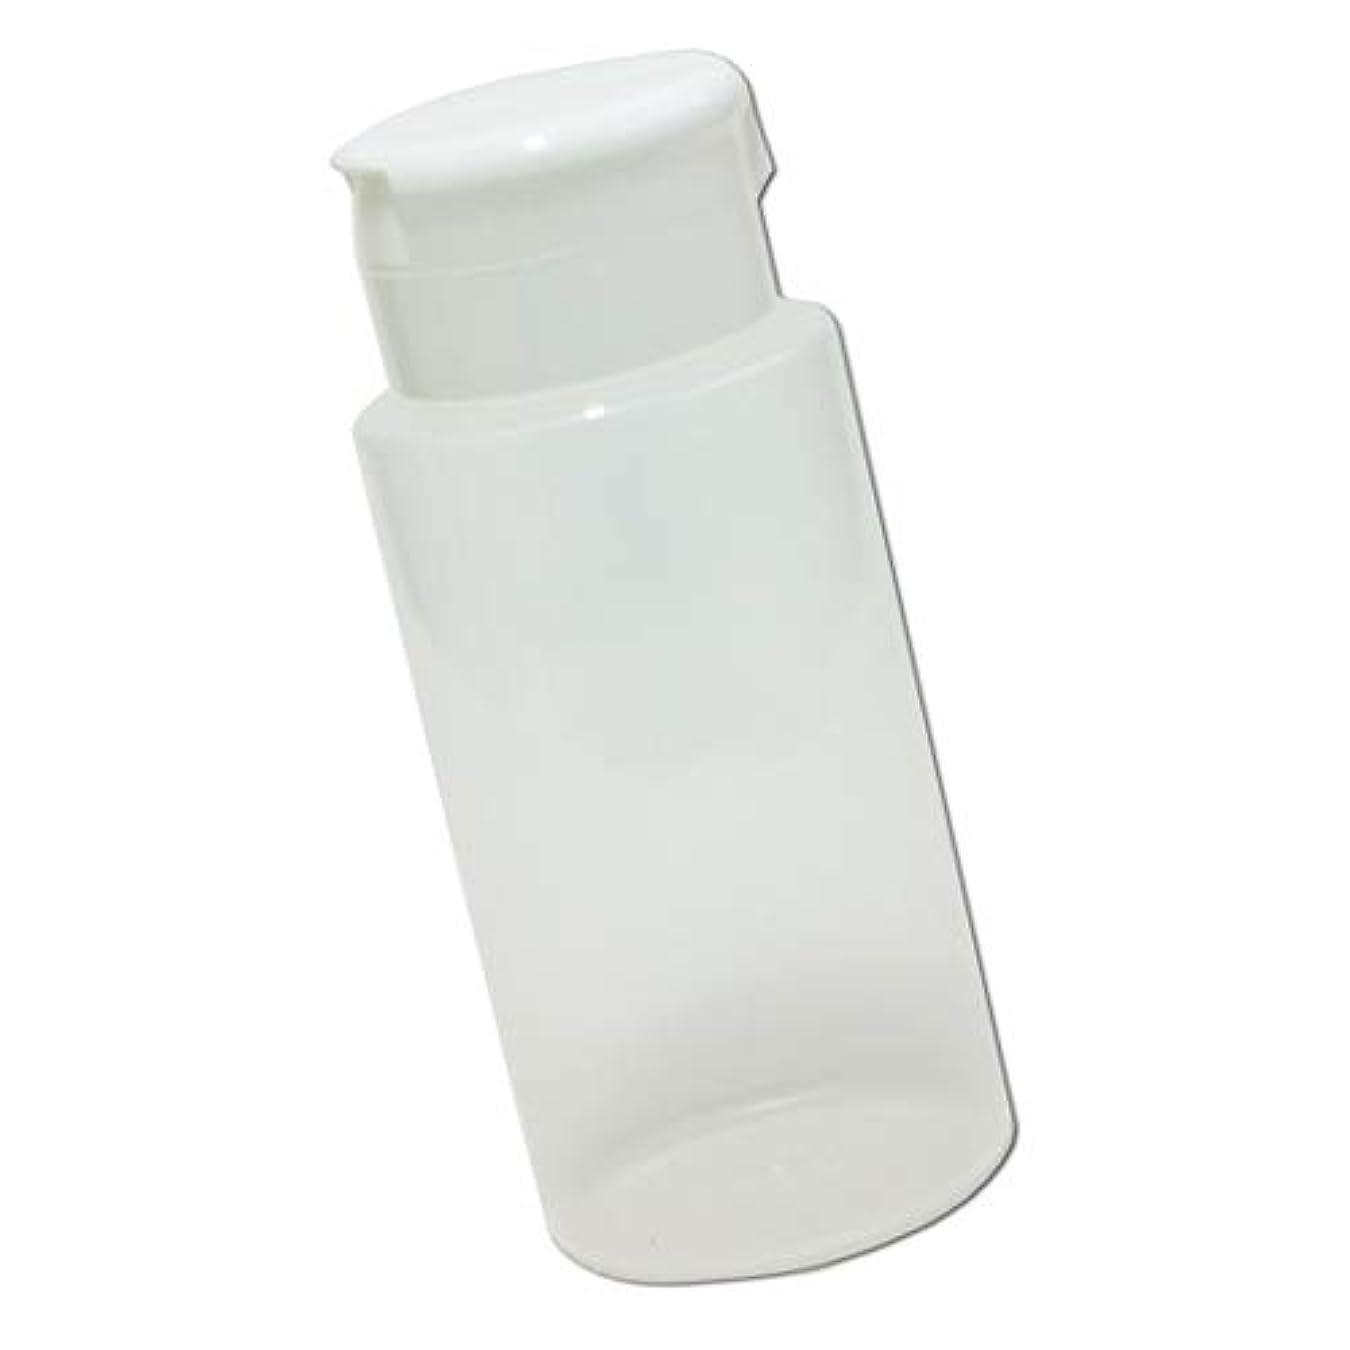 重要性ぎこちないかんたんワンタッチキャップ詰め替え容器370ml│業務用ローションやうがい薬、液体石鹸、調味料、化粧品の小分けに詰め替えボトル